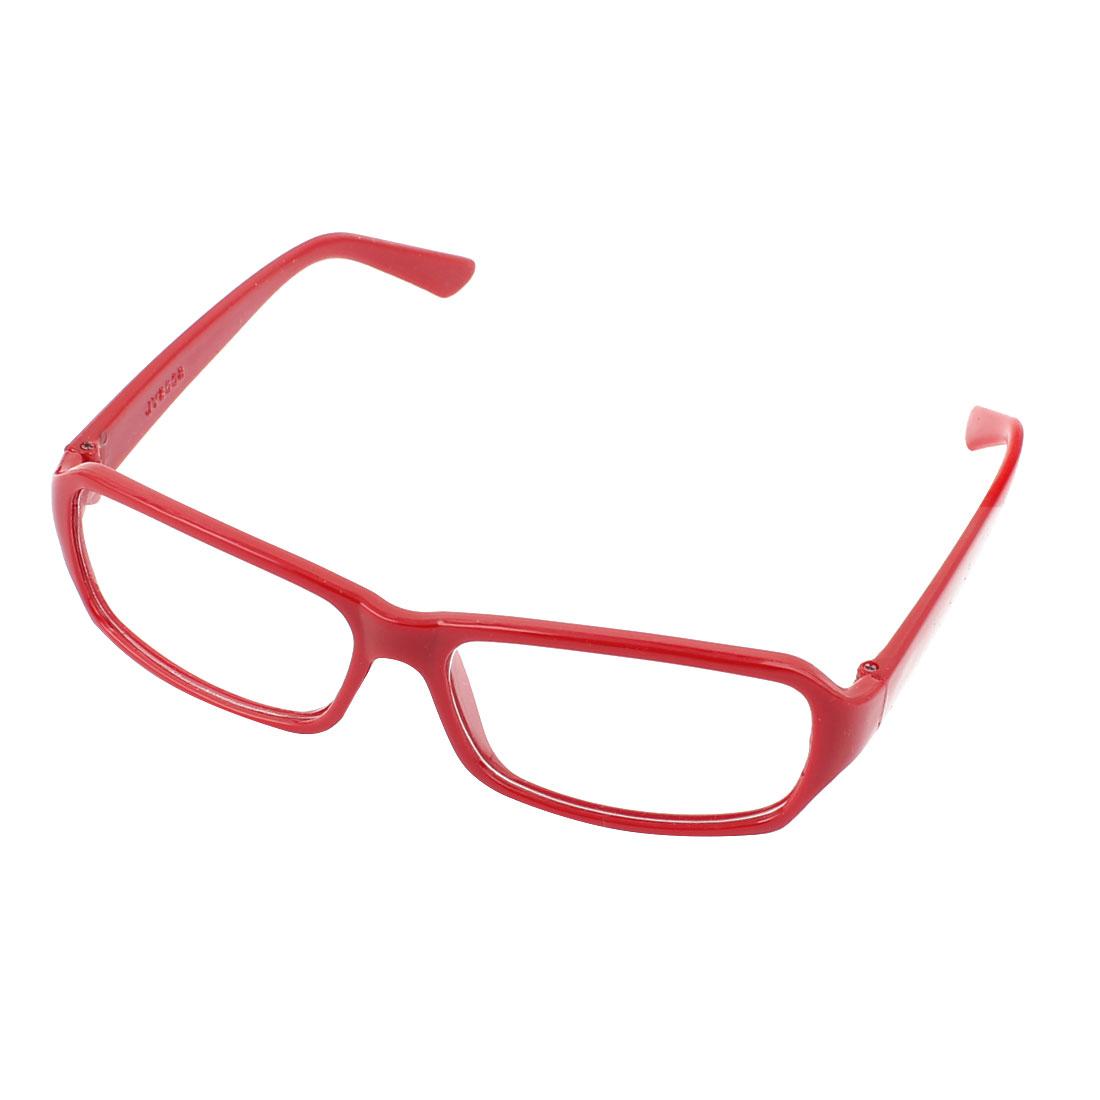 a3d926ffc563 Unique Bargains Lady Plastic Red Arms Full Rim Single Bridge Clear Lens  Plain Glasses Spectacles